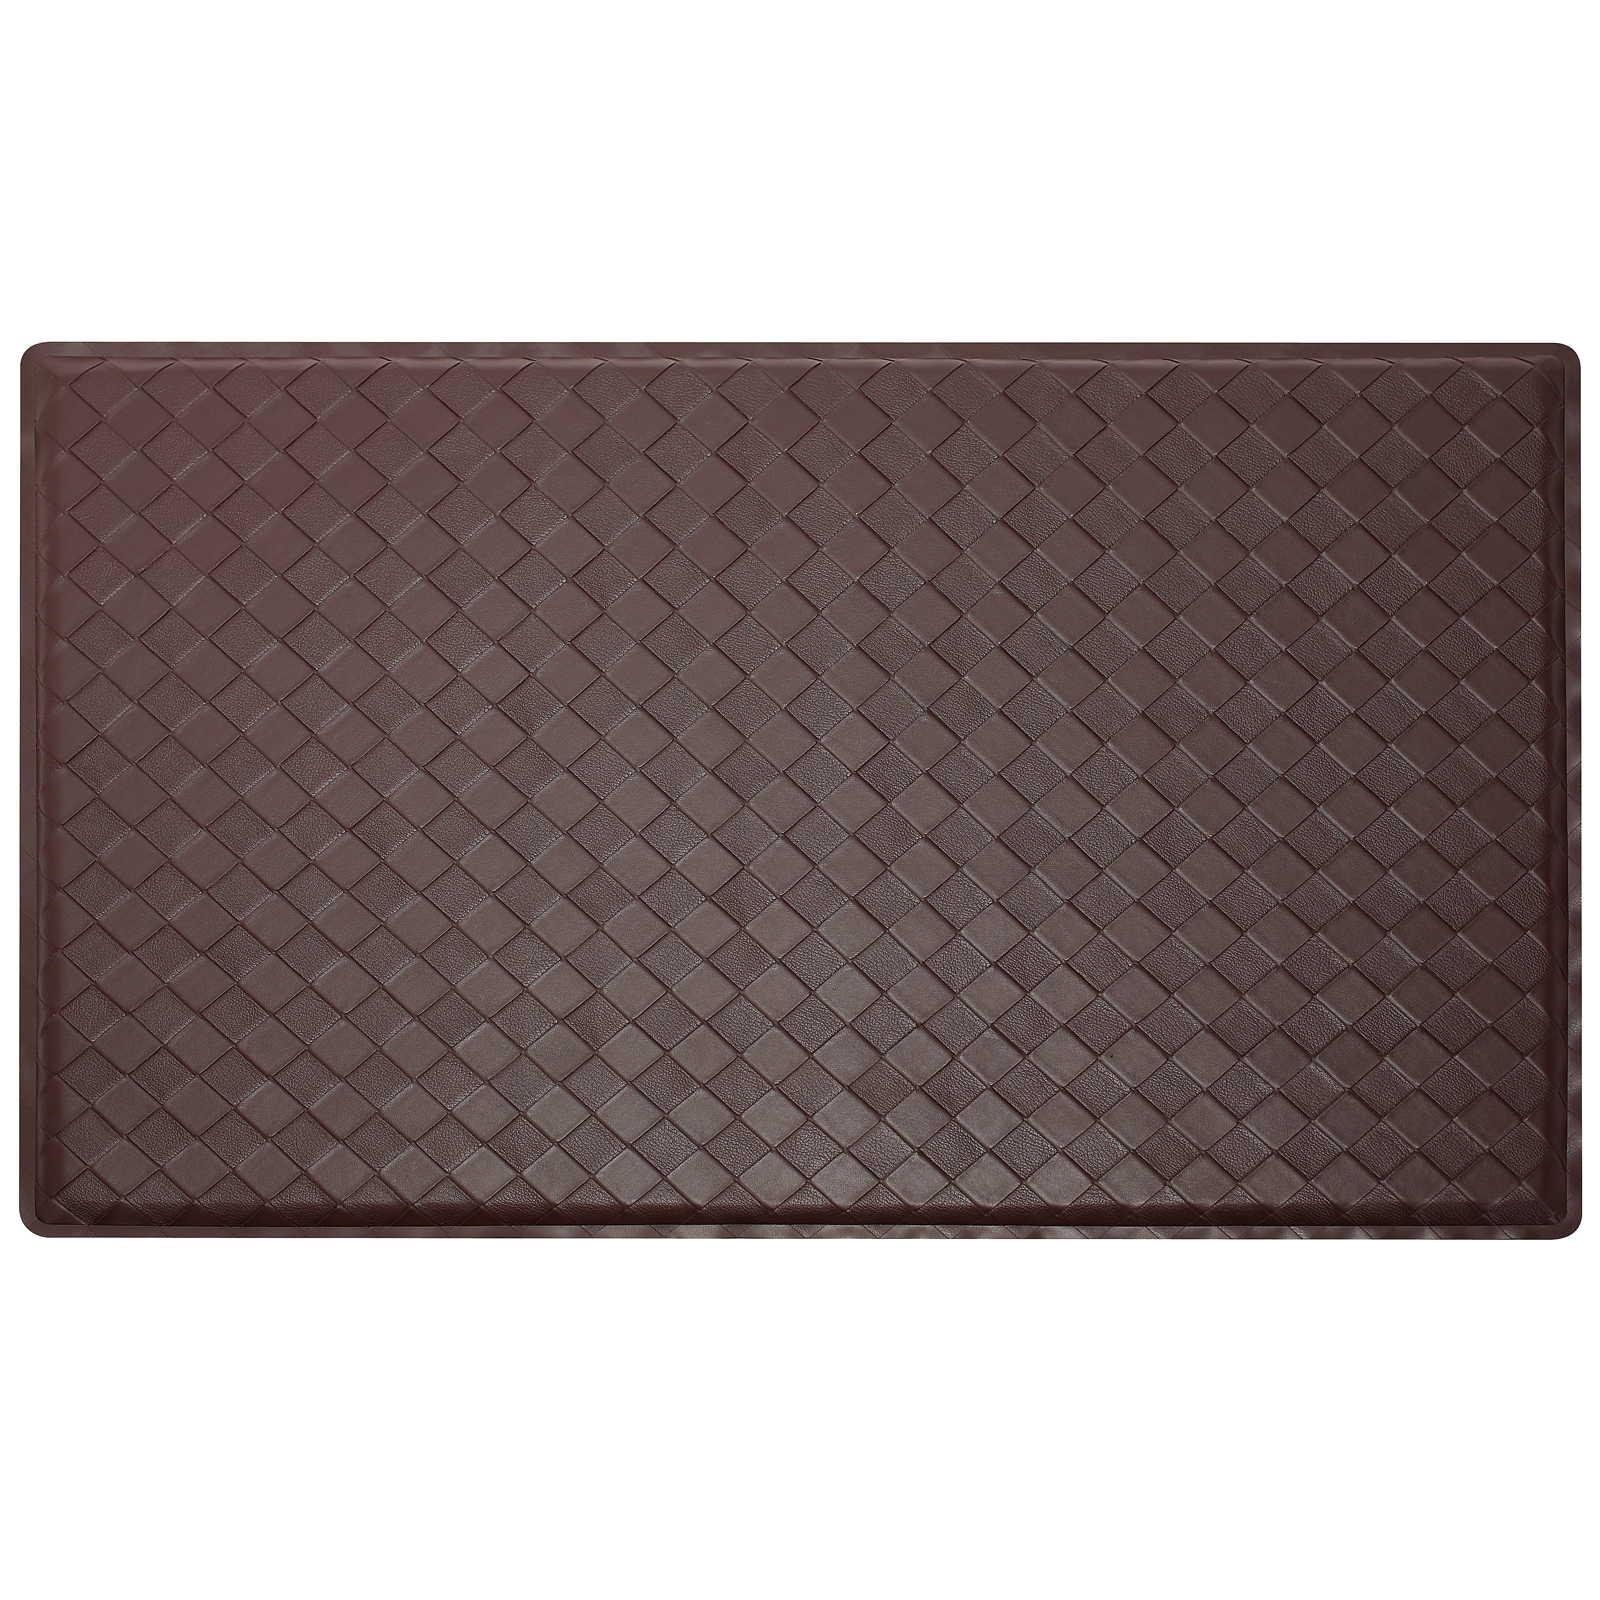 2 x 3 Modern AntiFatigue Kitchen Floor Mat Rug  Basket Weave  eBay